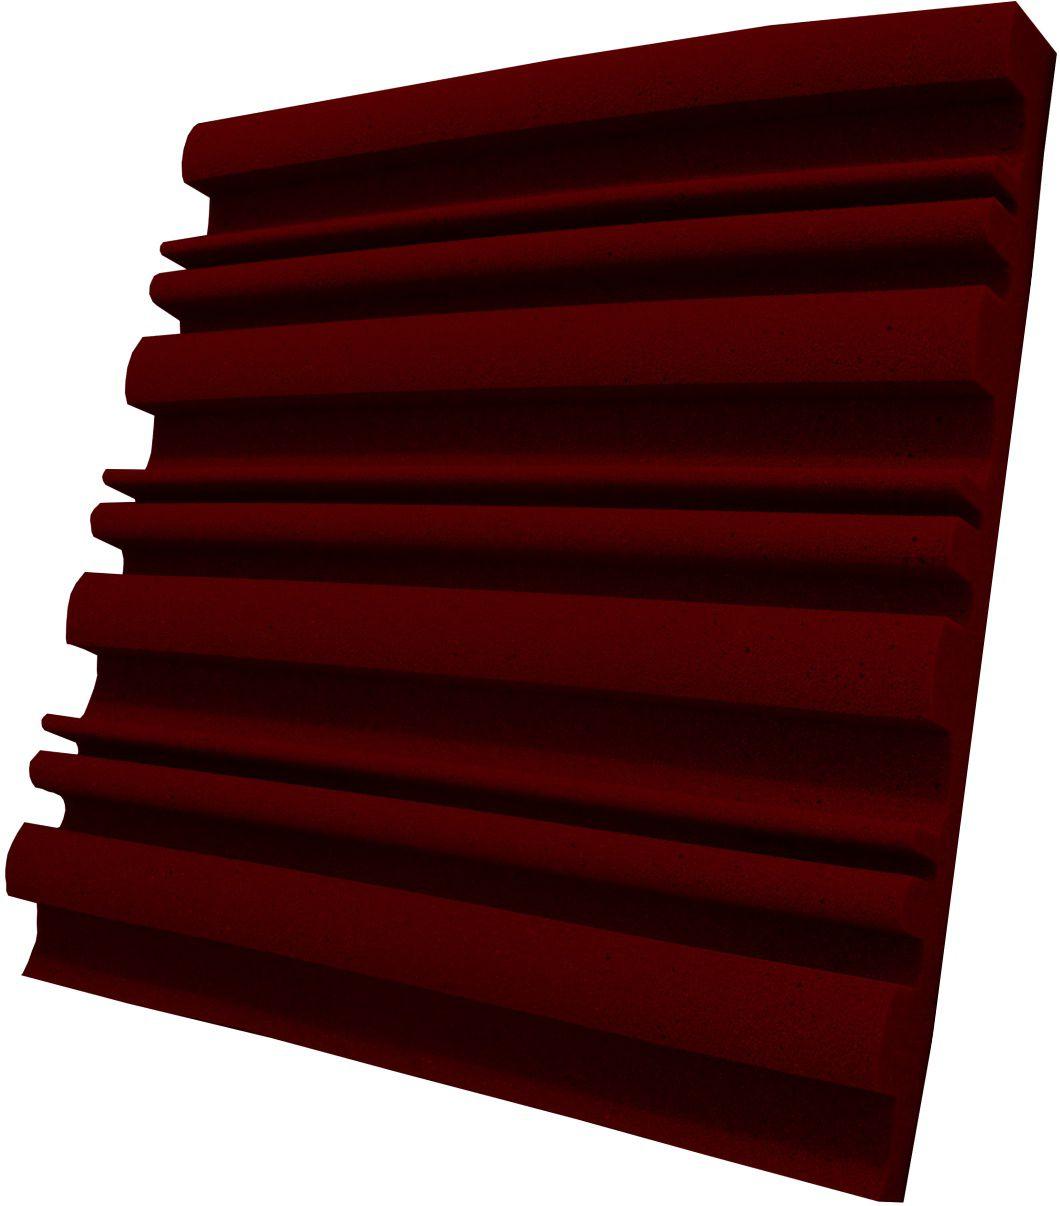 Espuma acústica Linha REV - SII - Vermelho - Kit 8 peças (2m²)  - Loja  SPL Acústica